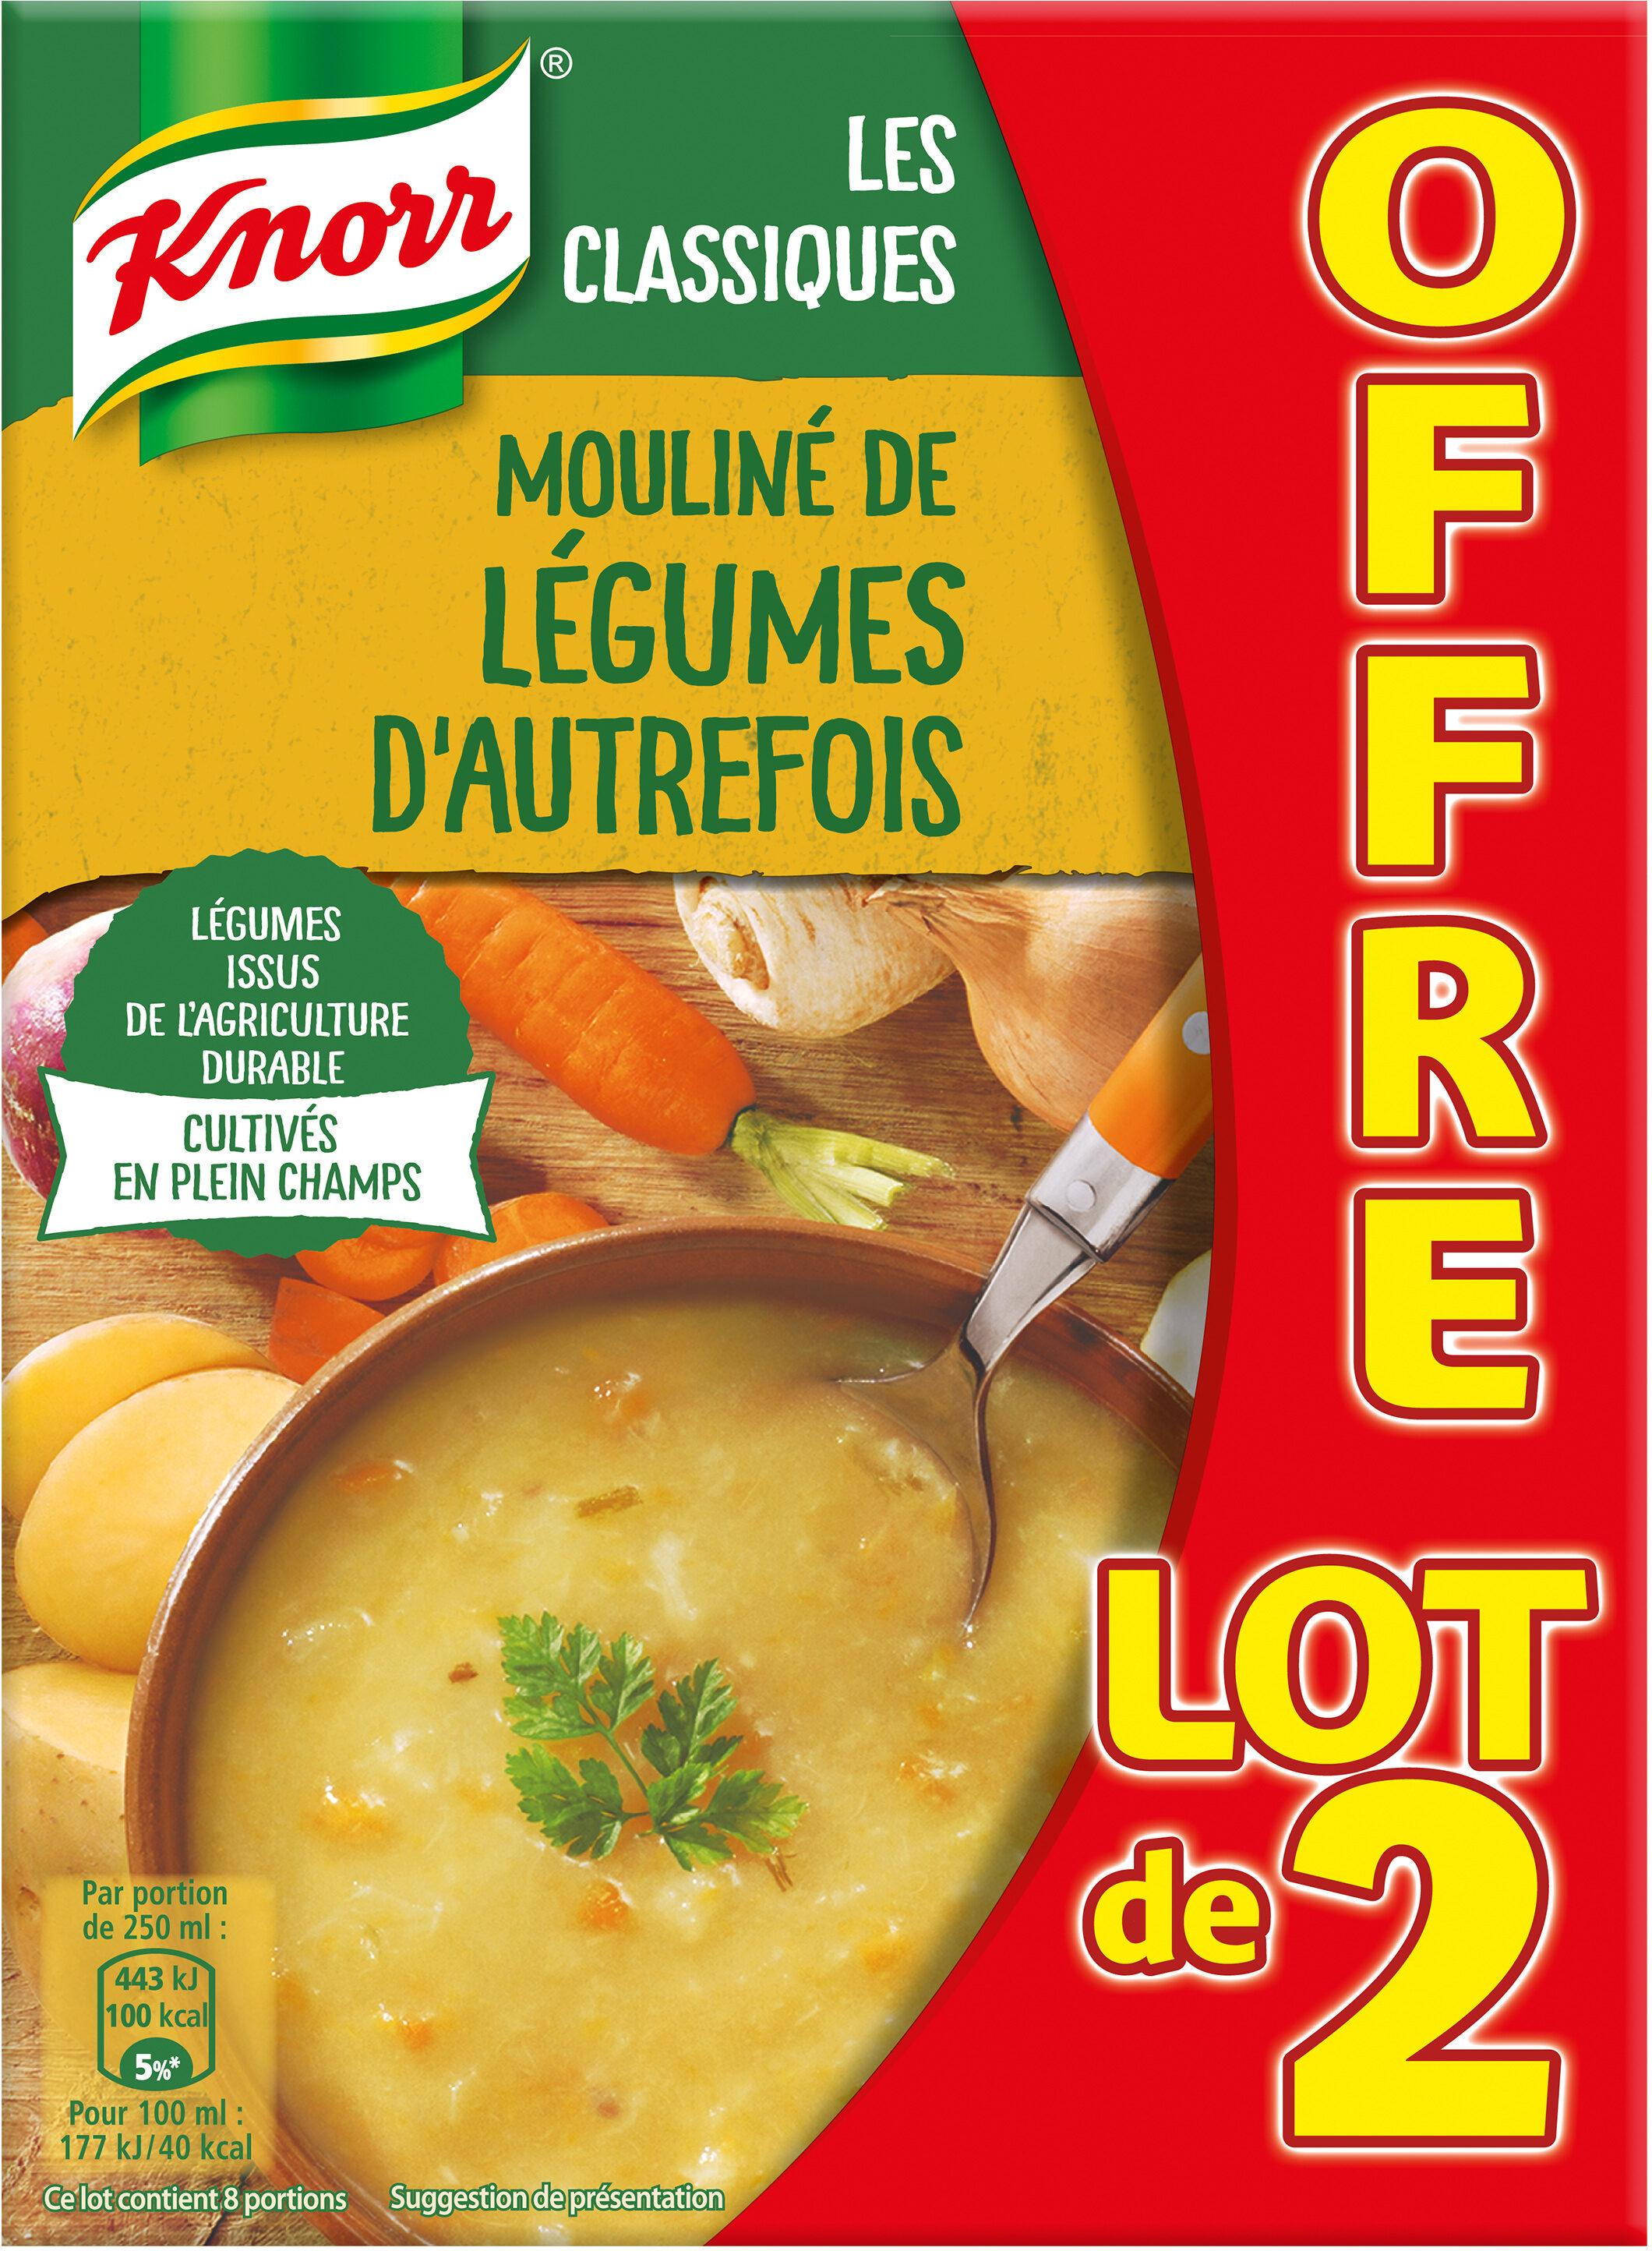 Knorr Les Classiques Soupe Liquide Mouliné aux Légumes d'Autrefois Lot 2x1L - Product - fr